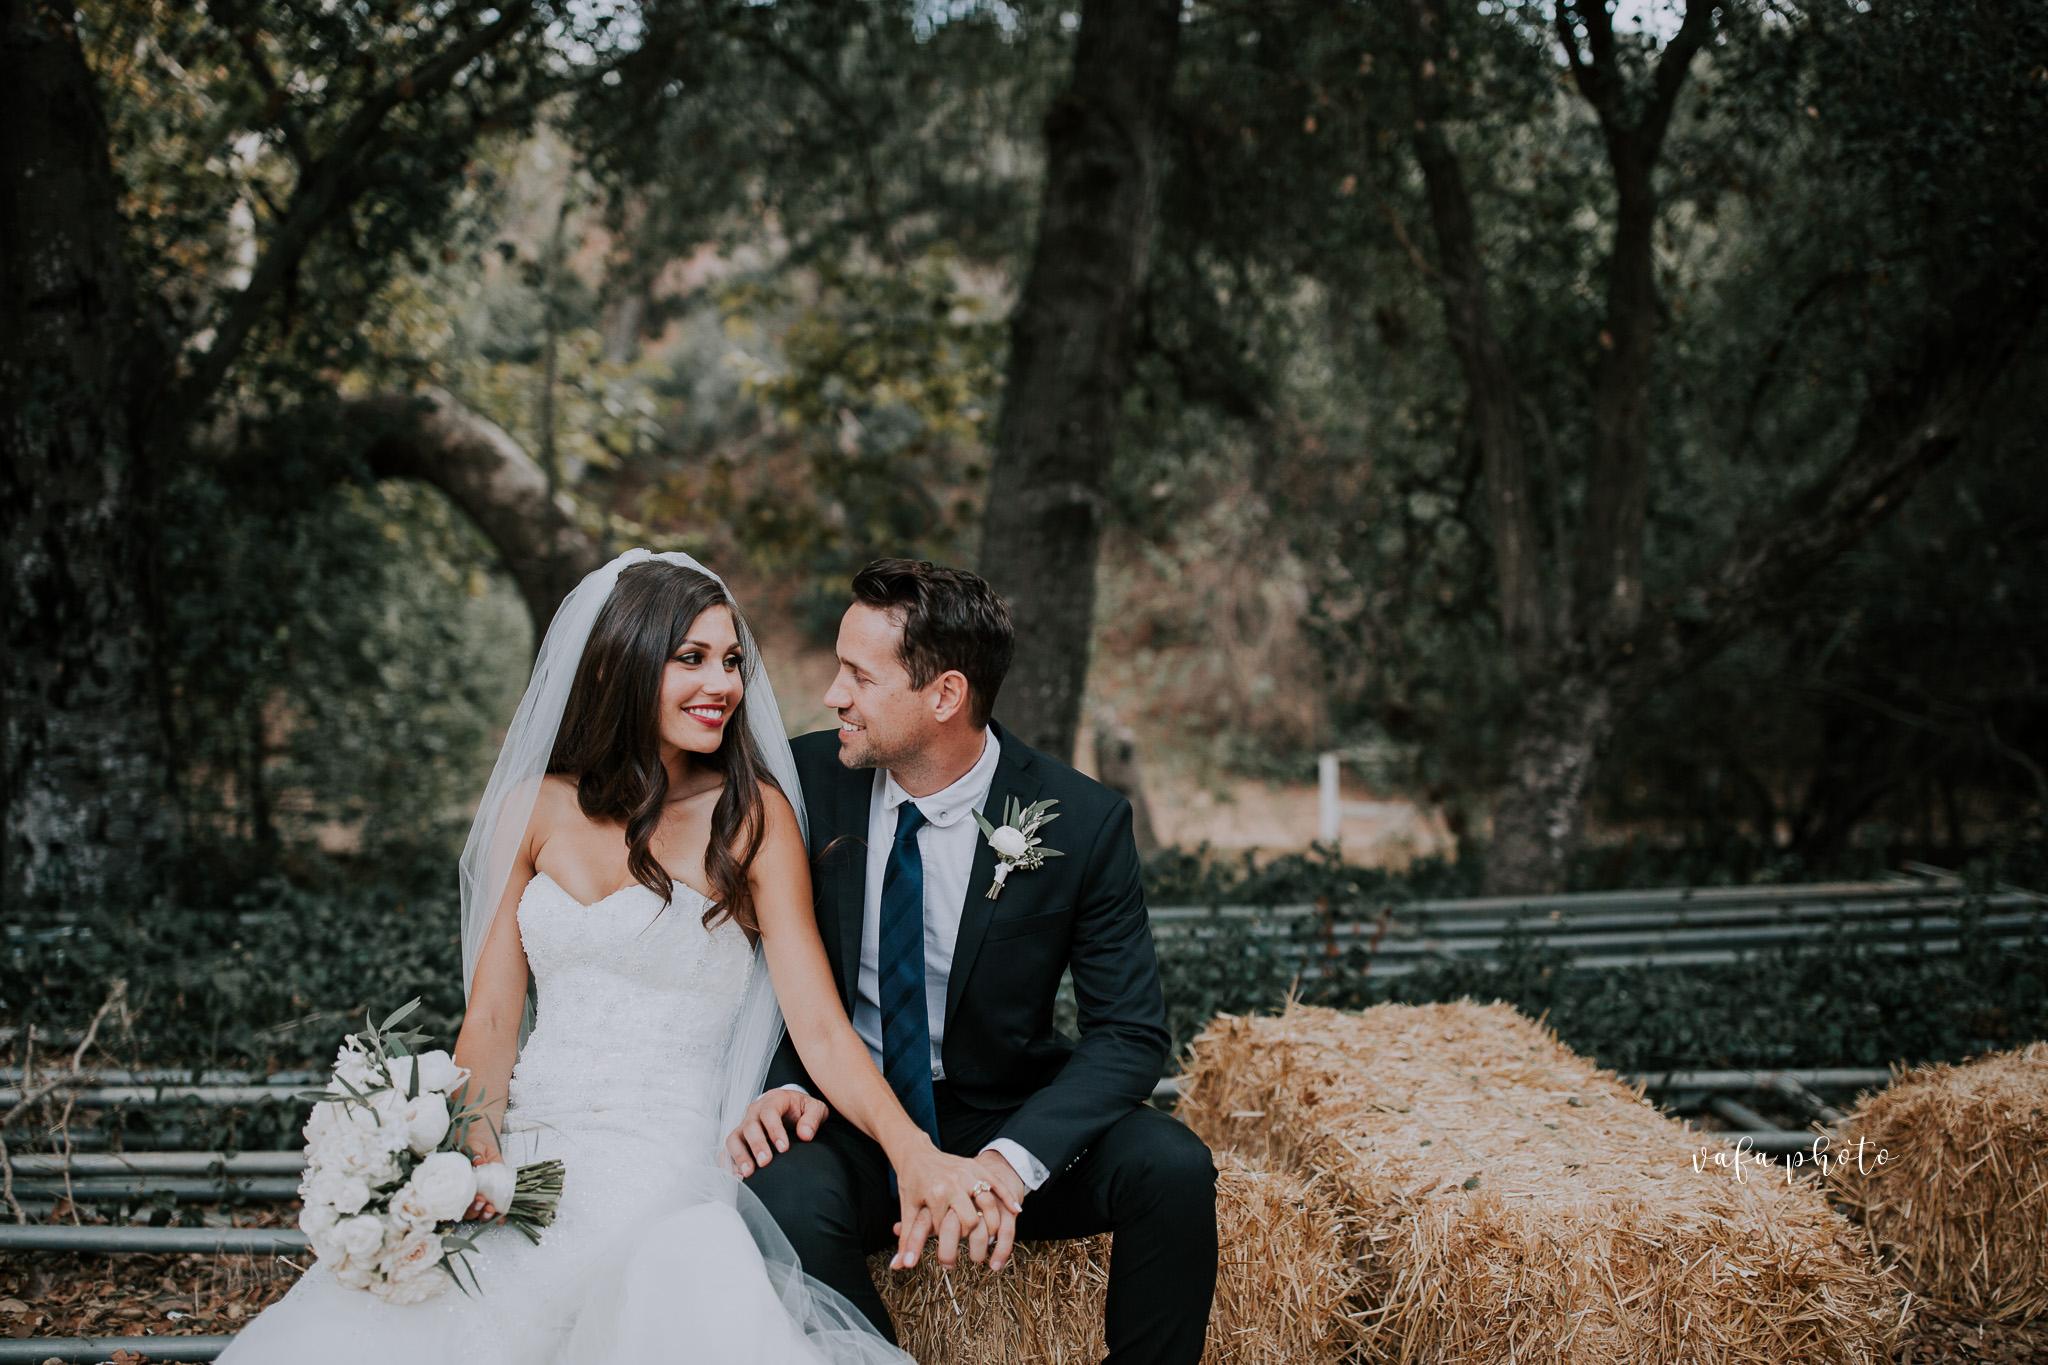 Southern-California-Wedding-Britt-Nilsson-Jeremy-Byrne-Vafa-Photo-583.jpg